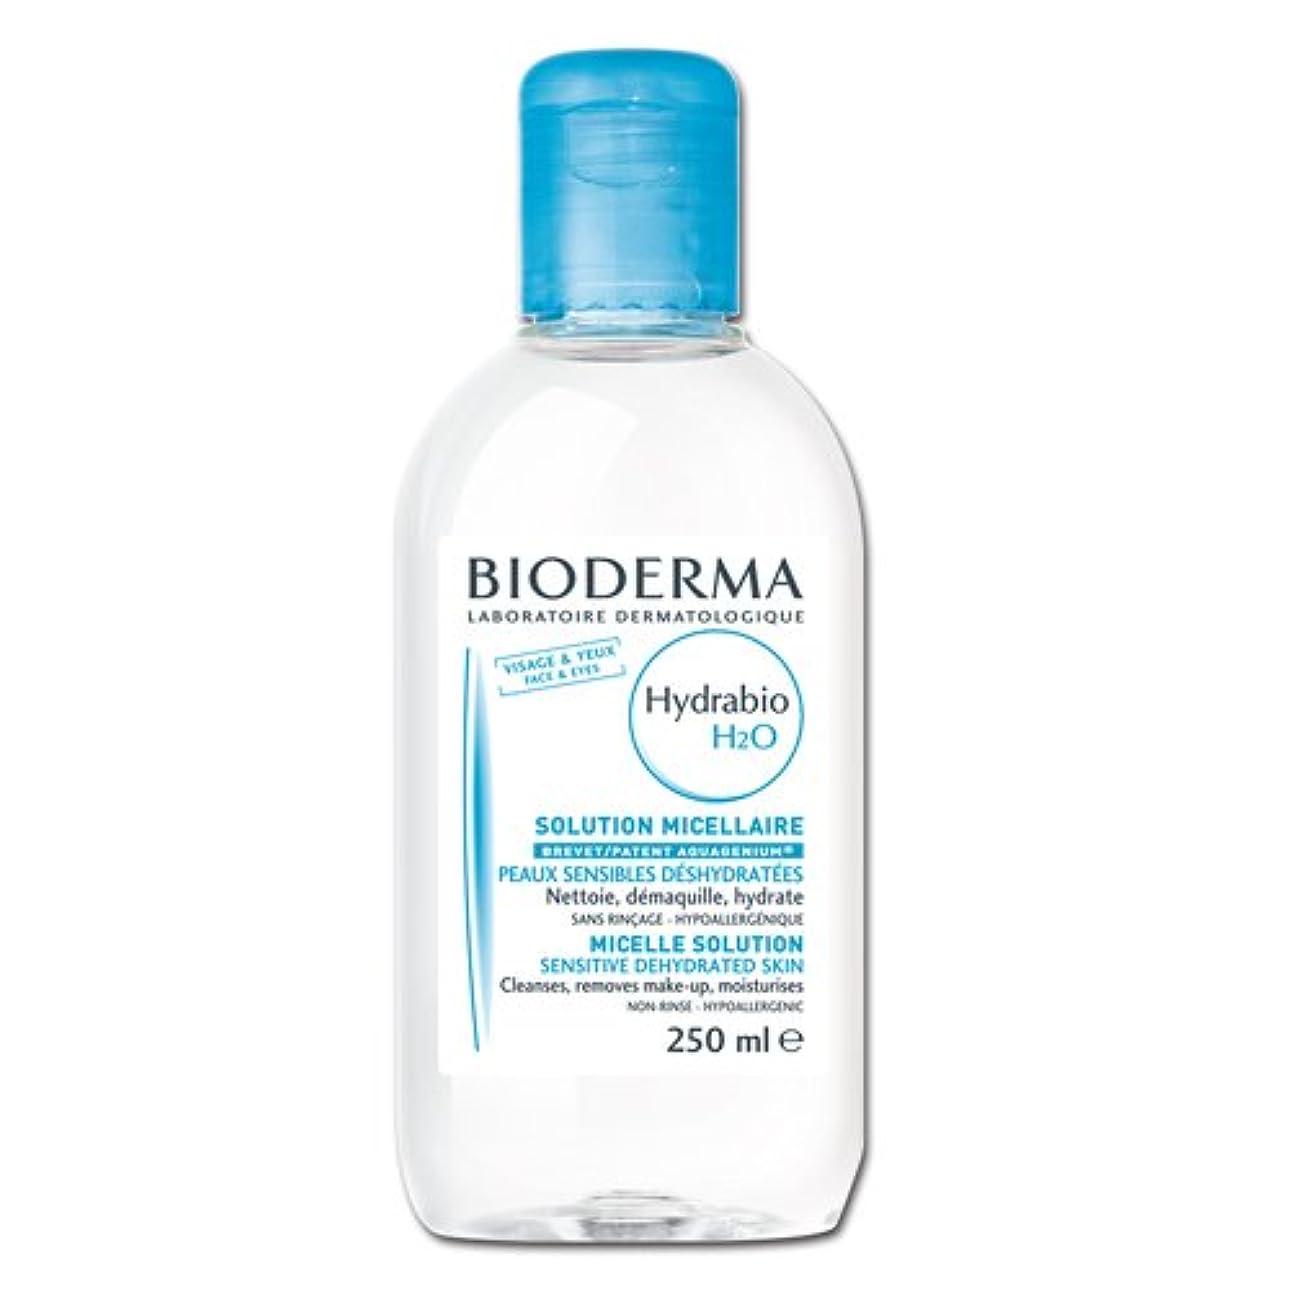 有限青作業Bioderma ビオデルマ イドラビオ エイチツーオー D (H2O) 250ml [並行輸入品]